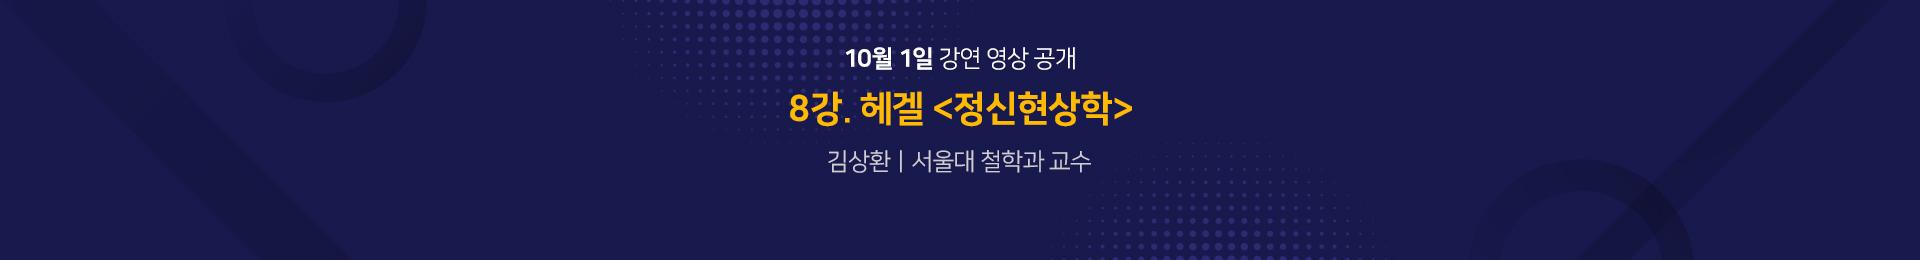 교양서 8강 공개